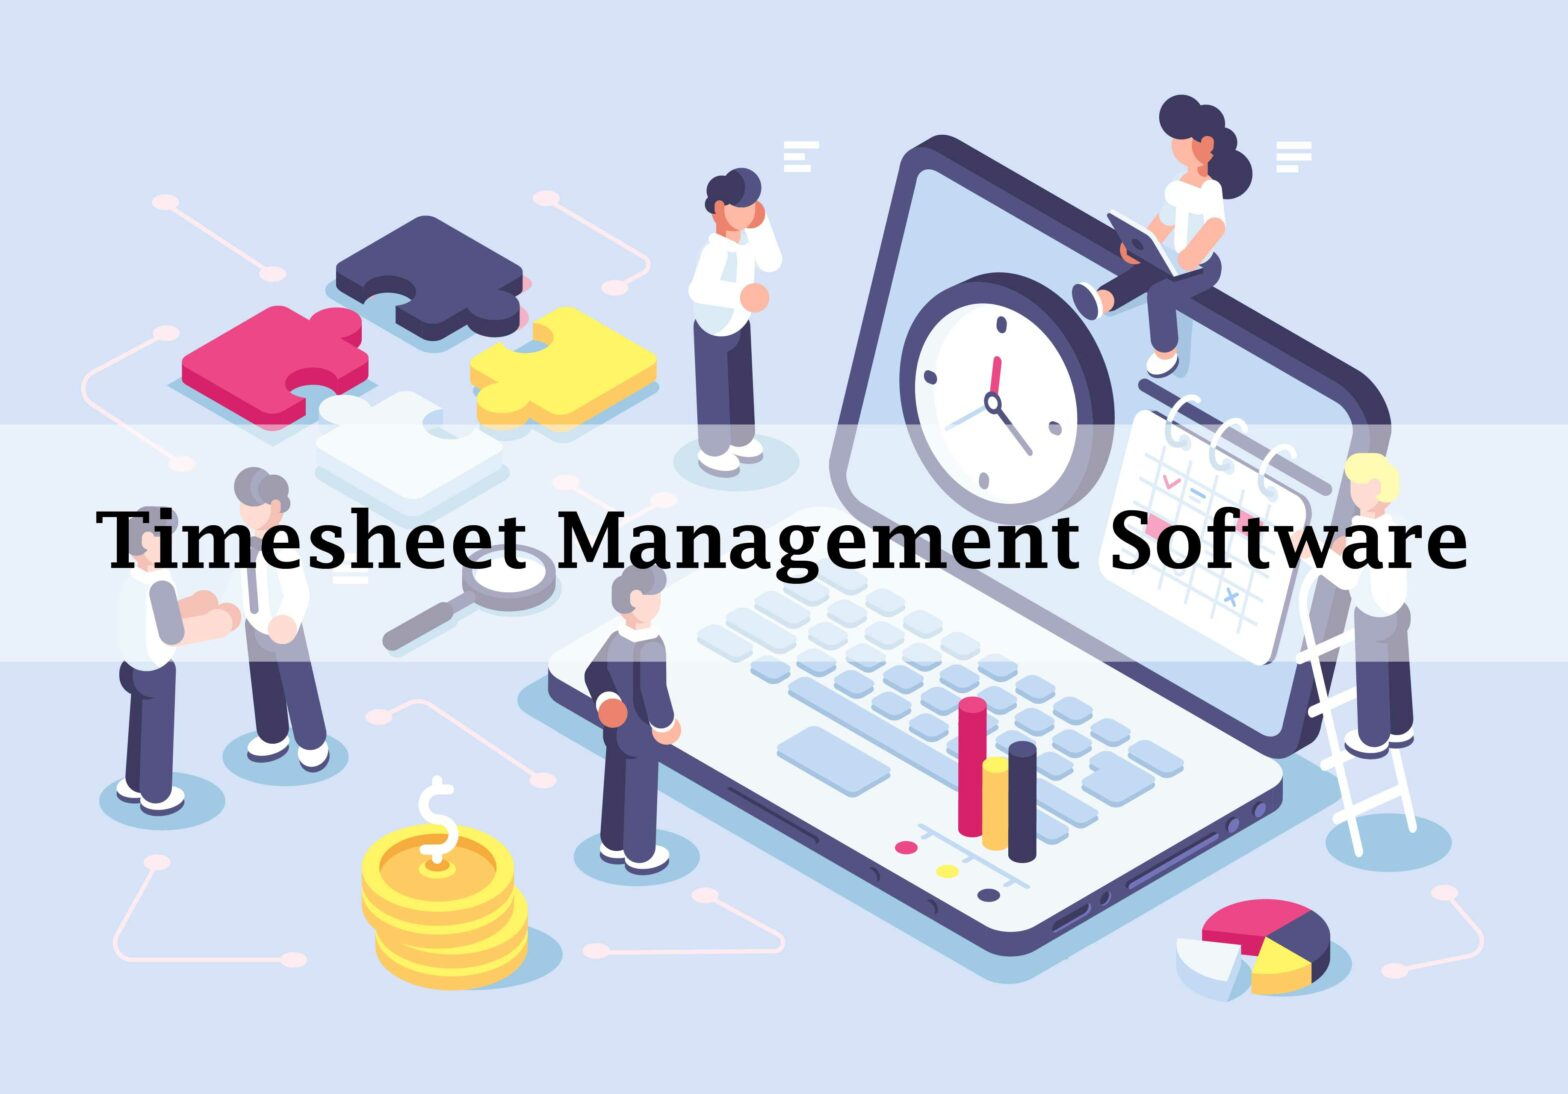 Timesheet Management